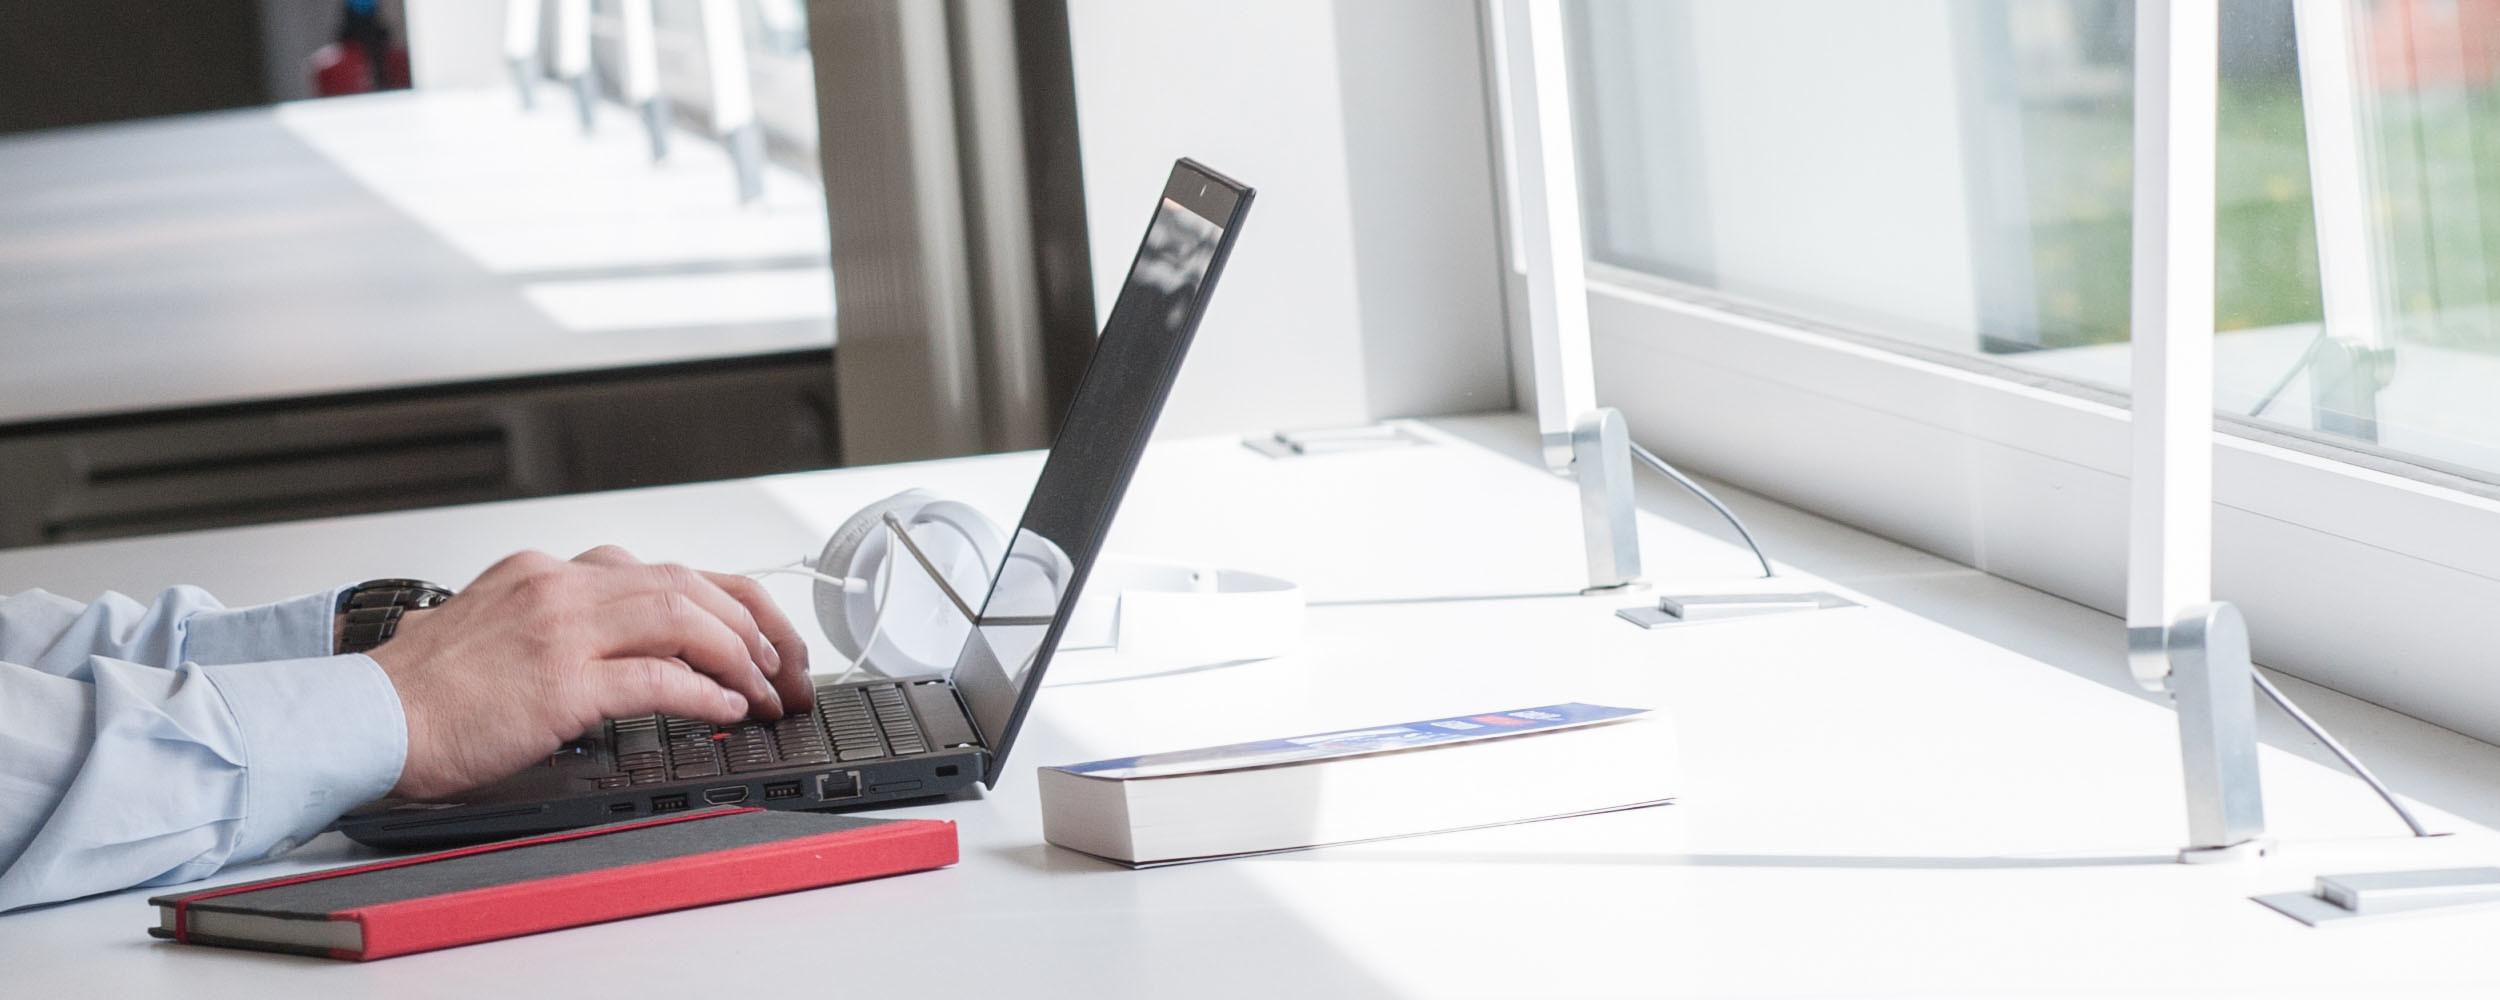 Recherche am Notebook an Schreibtisch